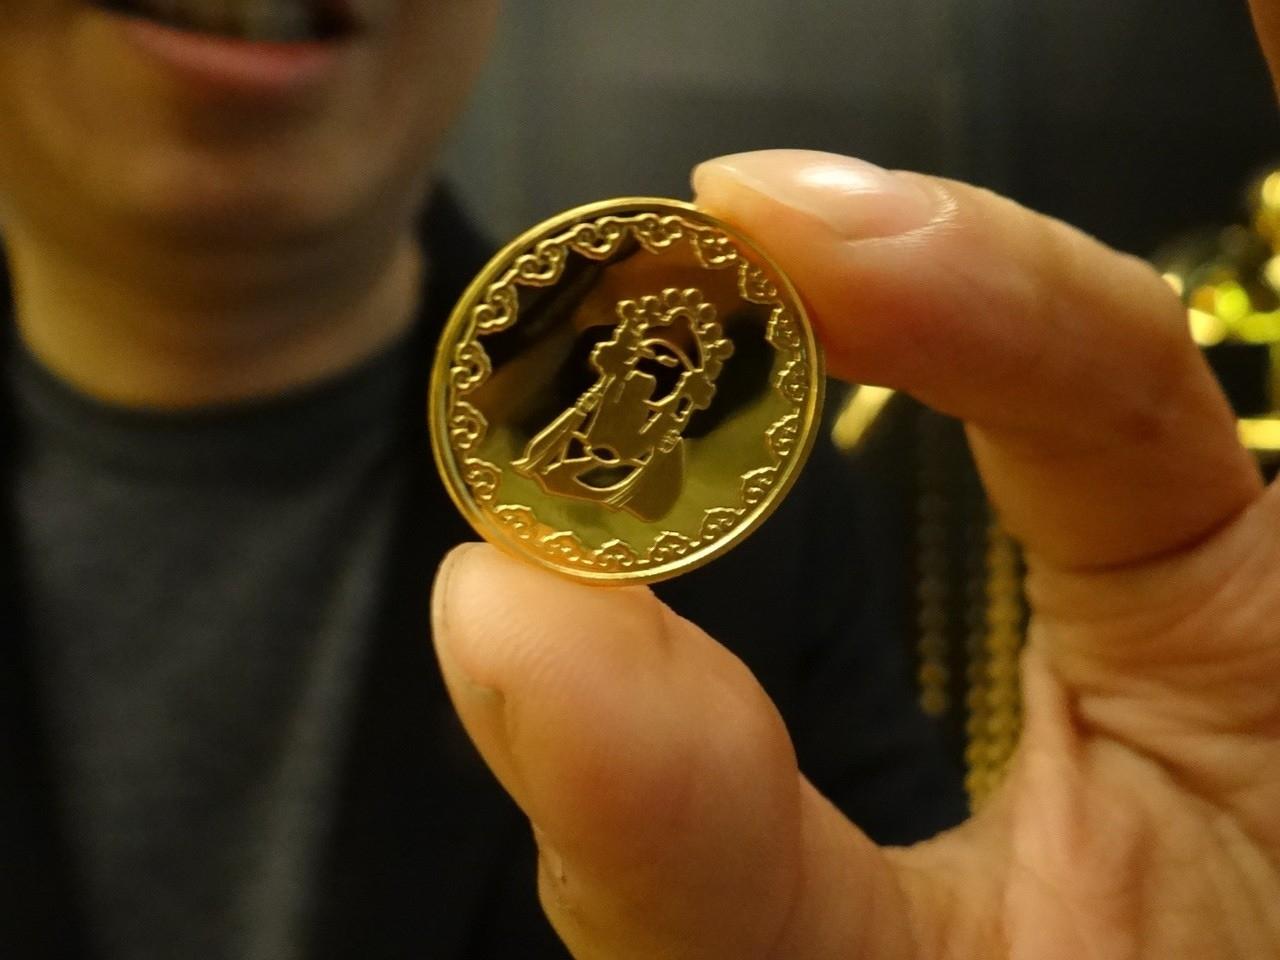 北港武德宮今年特地打造300個純金的財神紀念金幣,放在錢母小紅包中,幸運民眾有機會免費獲得金幣錢母。記者蔡維斌/攝影